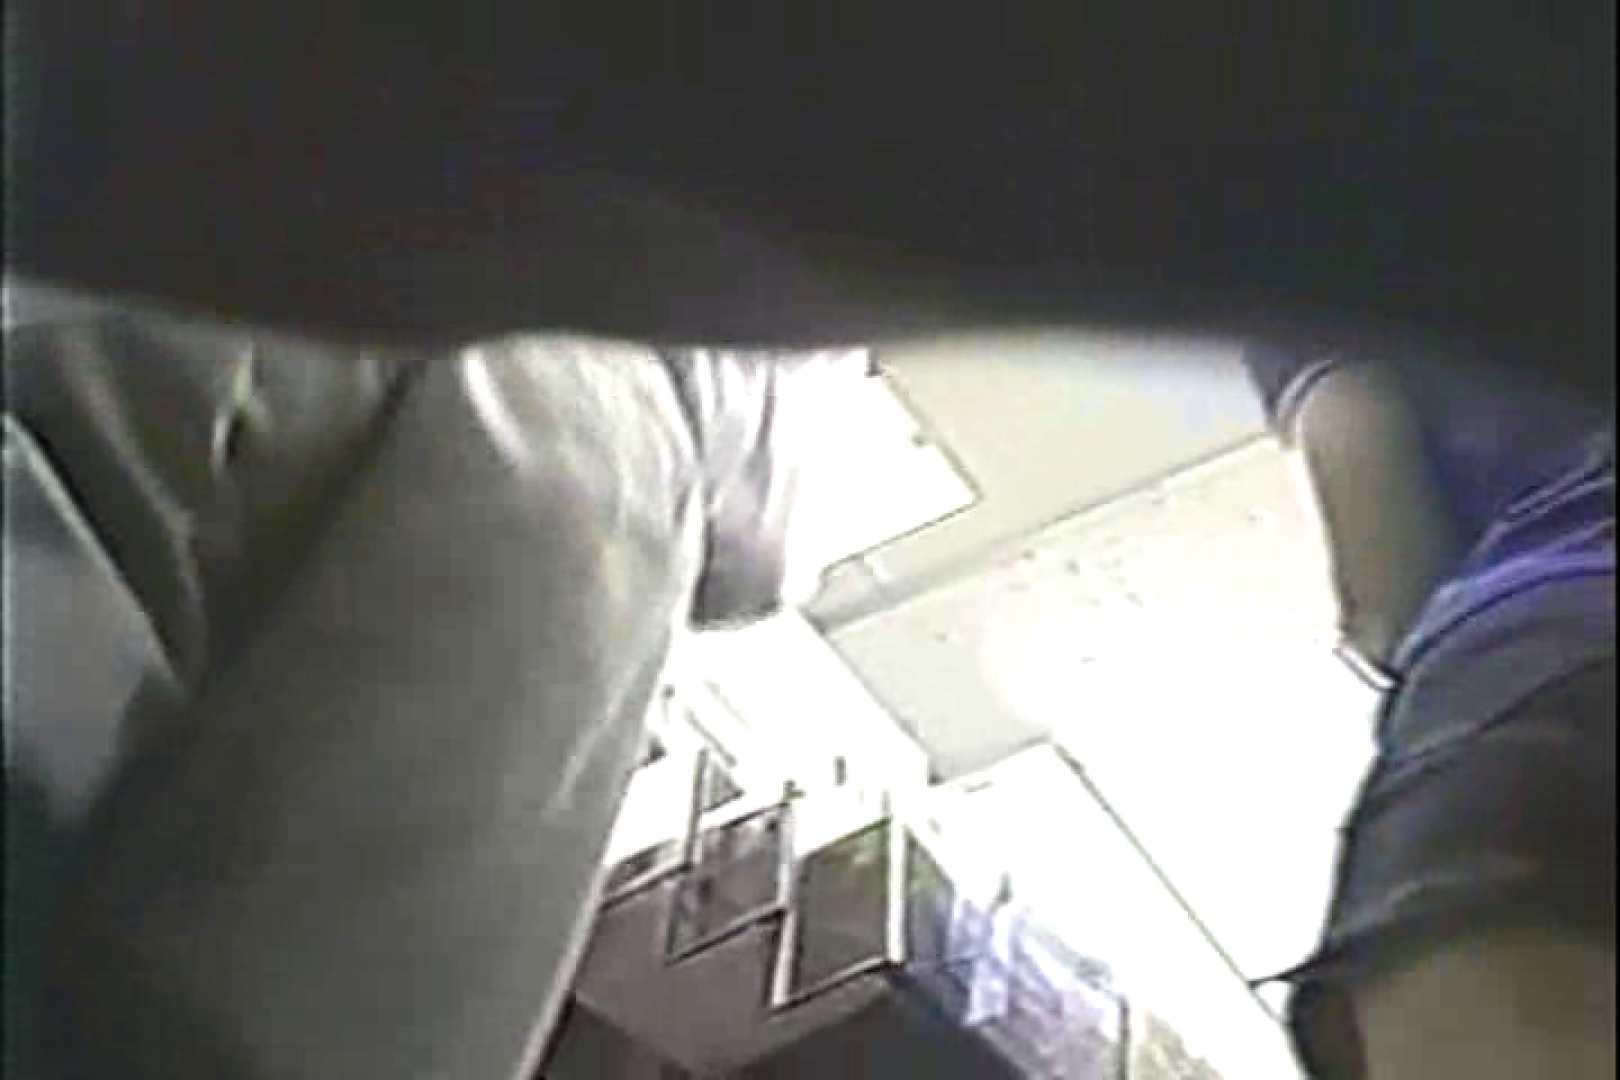 「ちくりん」さんのオリジナル未編集パンチラVol.3_01 レースクイーンエロ画像 盗撮アダルト動画キャプチャ 63PICs 47